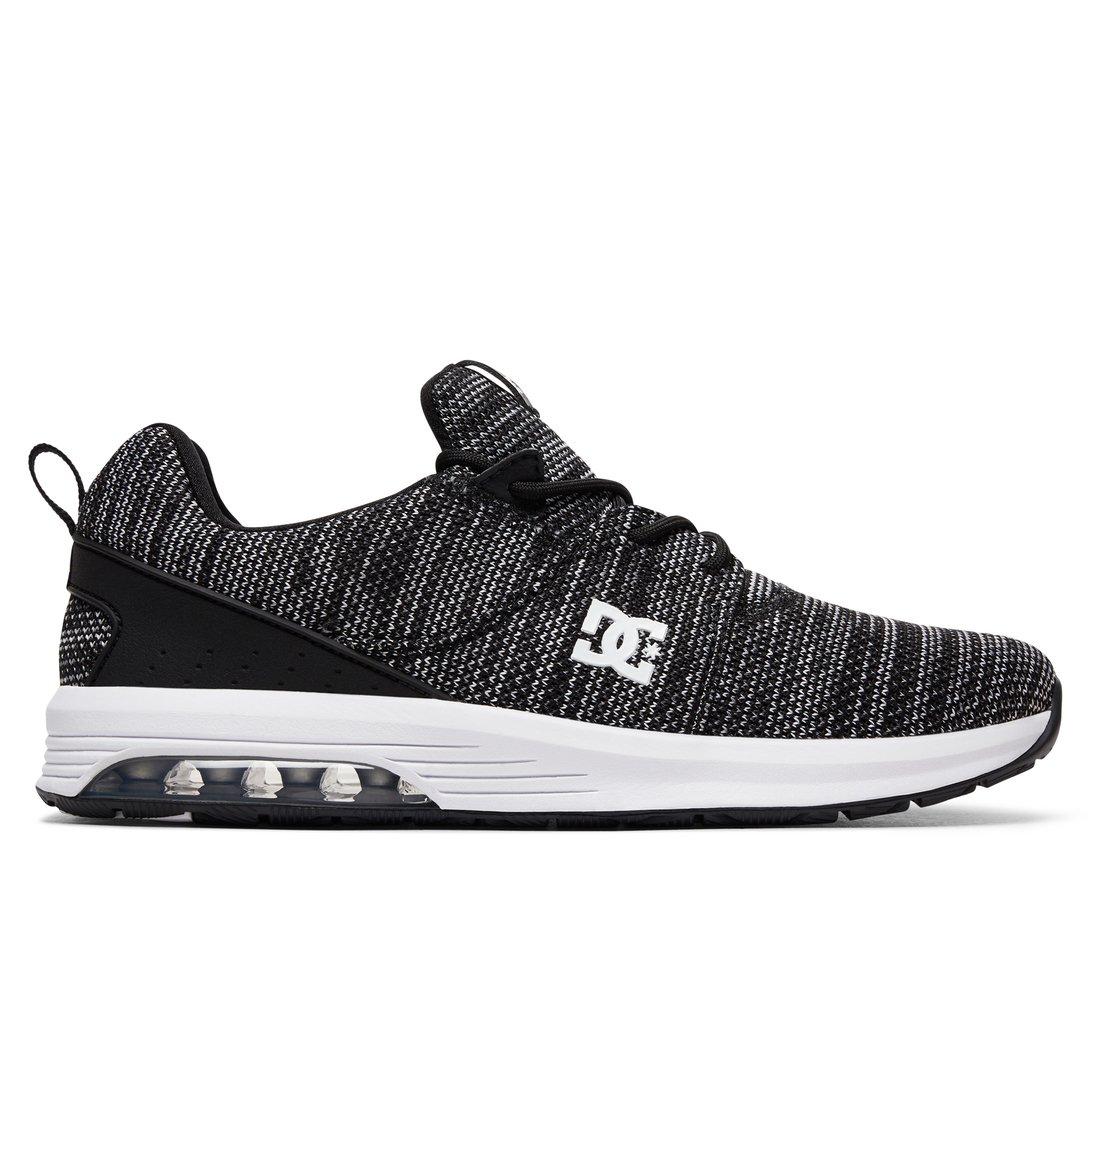 Dc Shoes Heatrow Ia